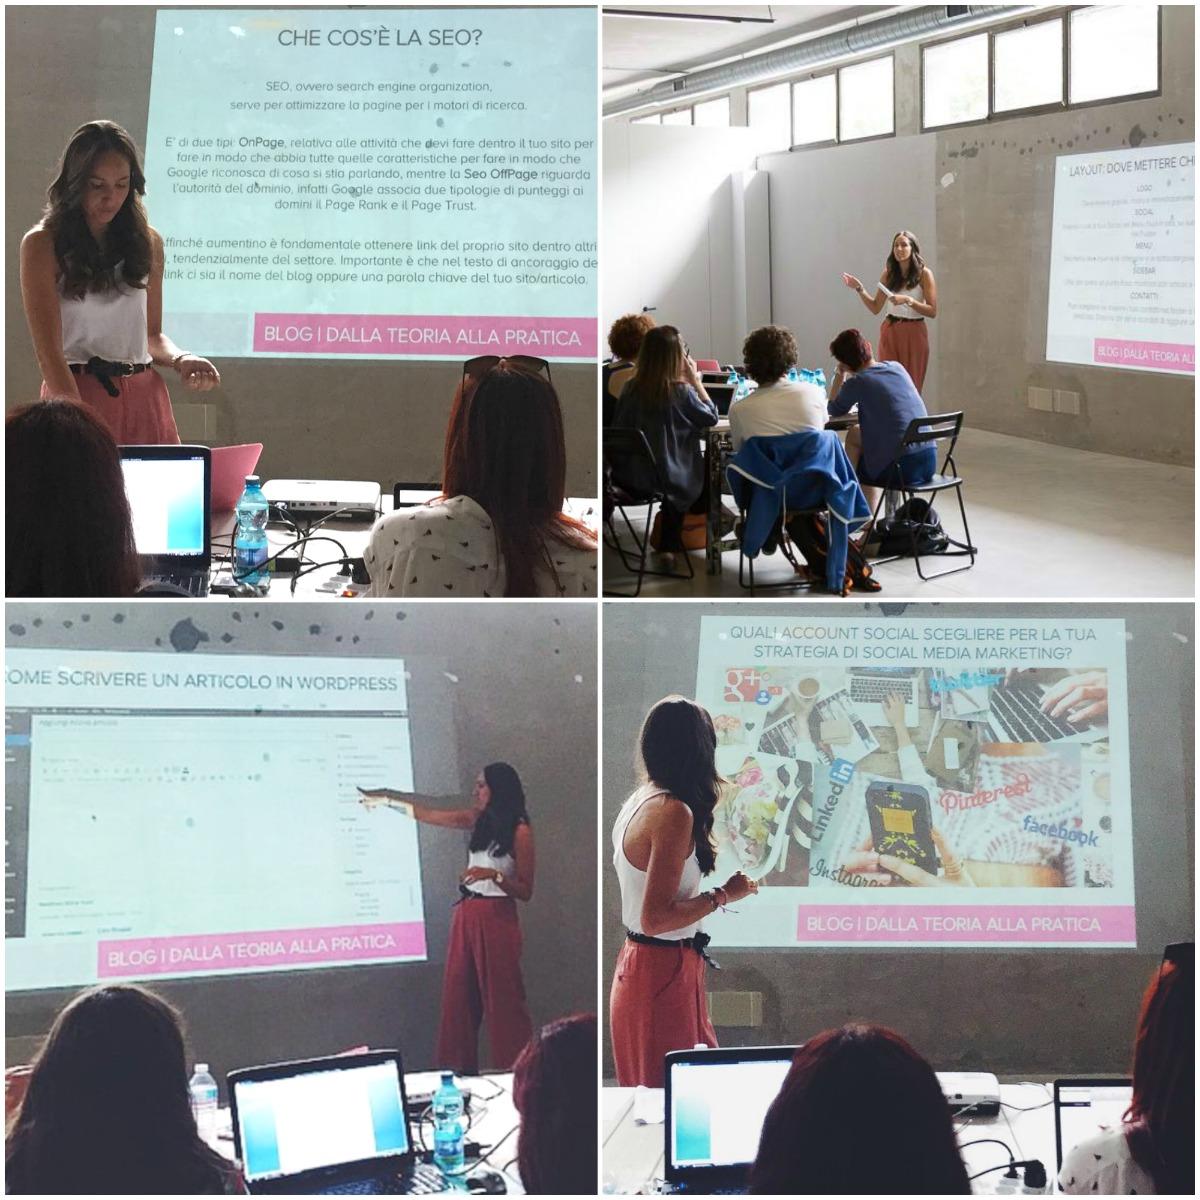 blog-dalla-teoria-alla-pratica-fashioncamp2015-ericachiesi